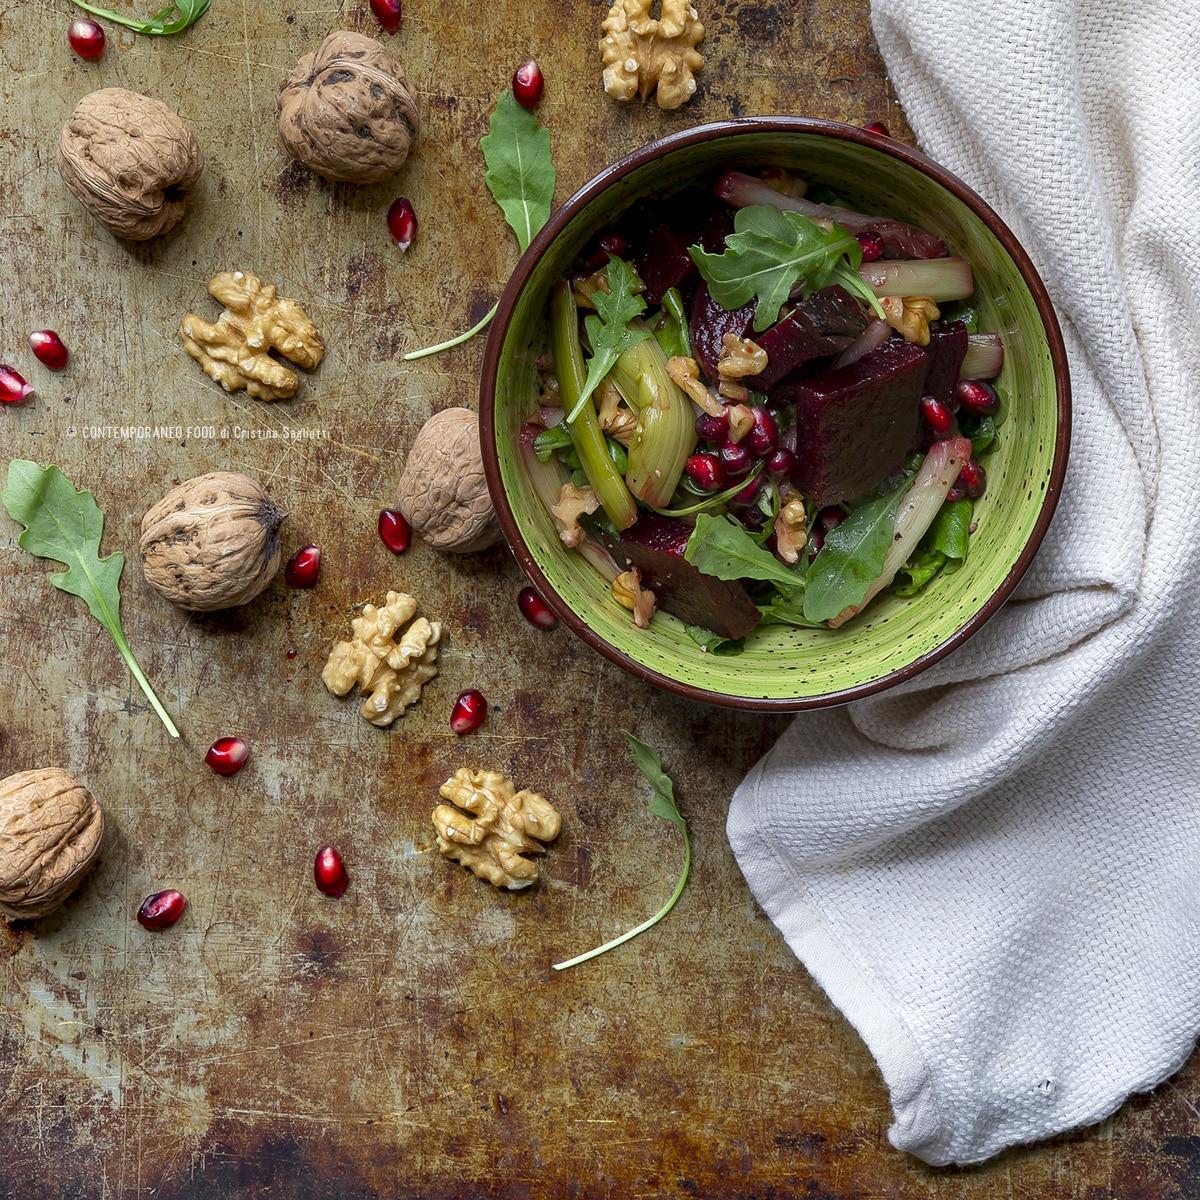 contorni-barbabietola-rossa-in-insalata-noci-porri-melograno-ricetta-light-2-contemporaneo-food